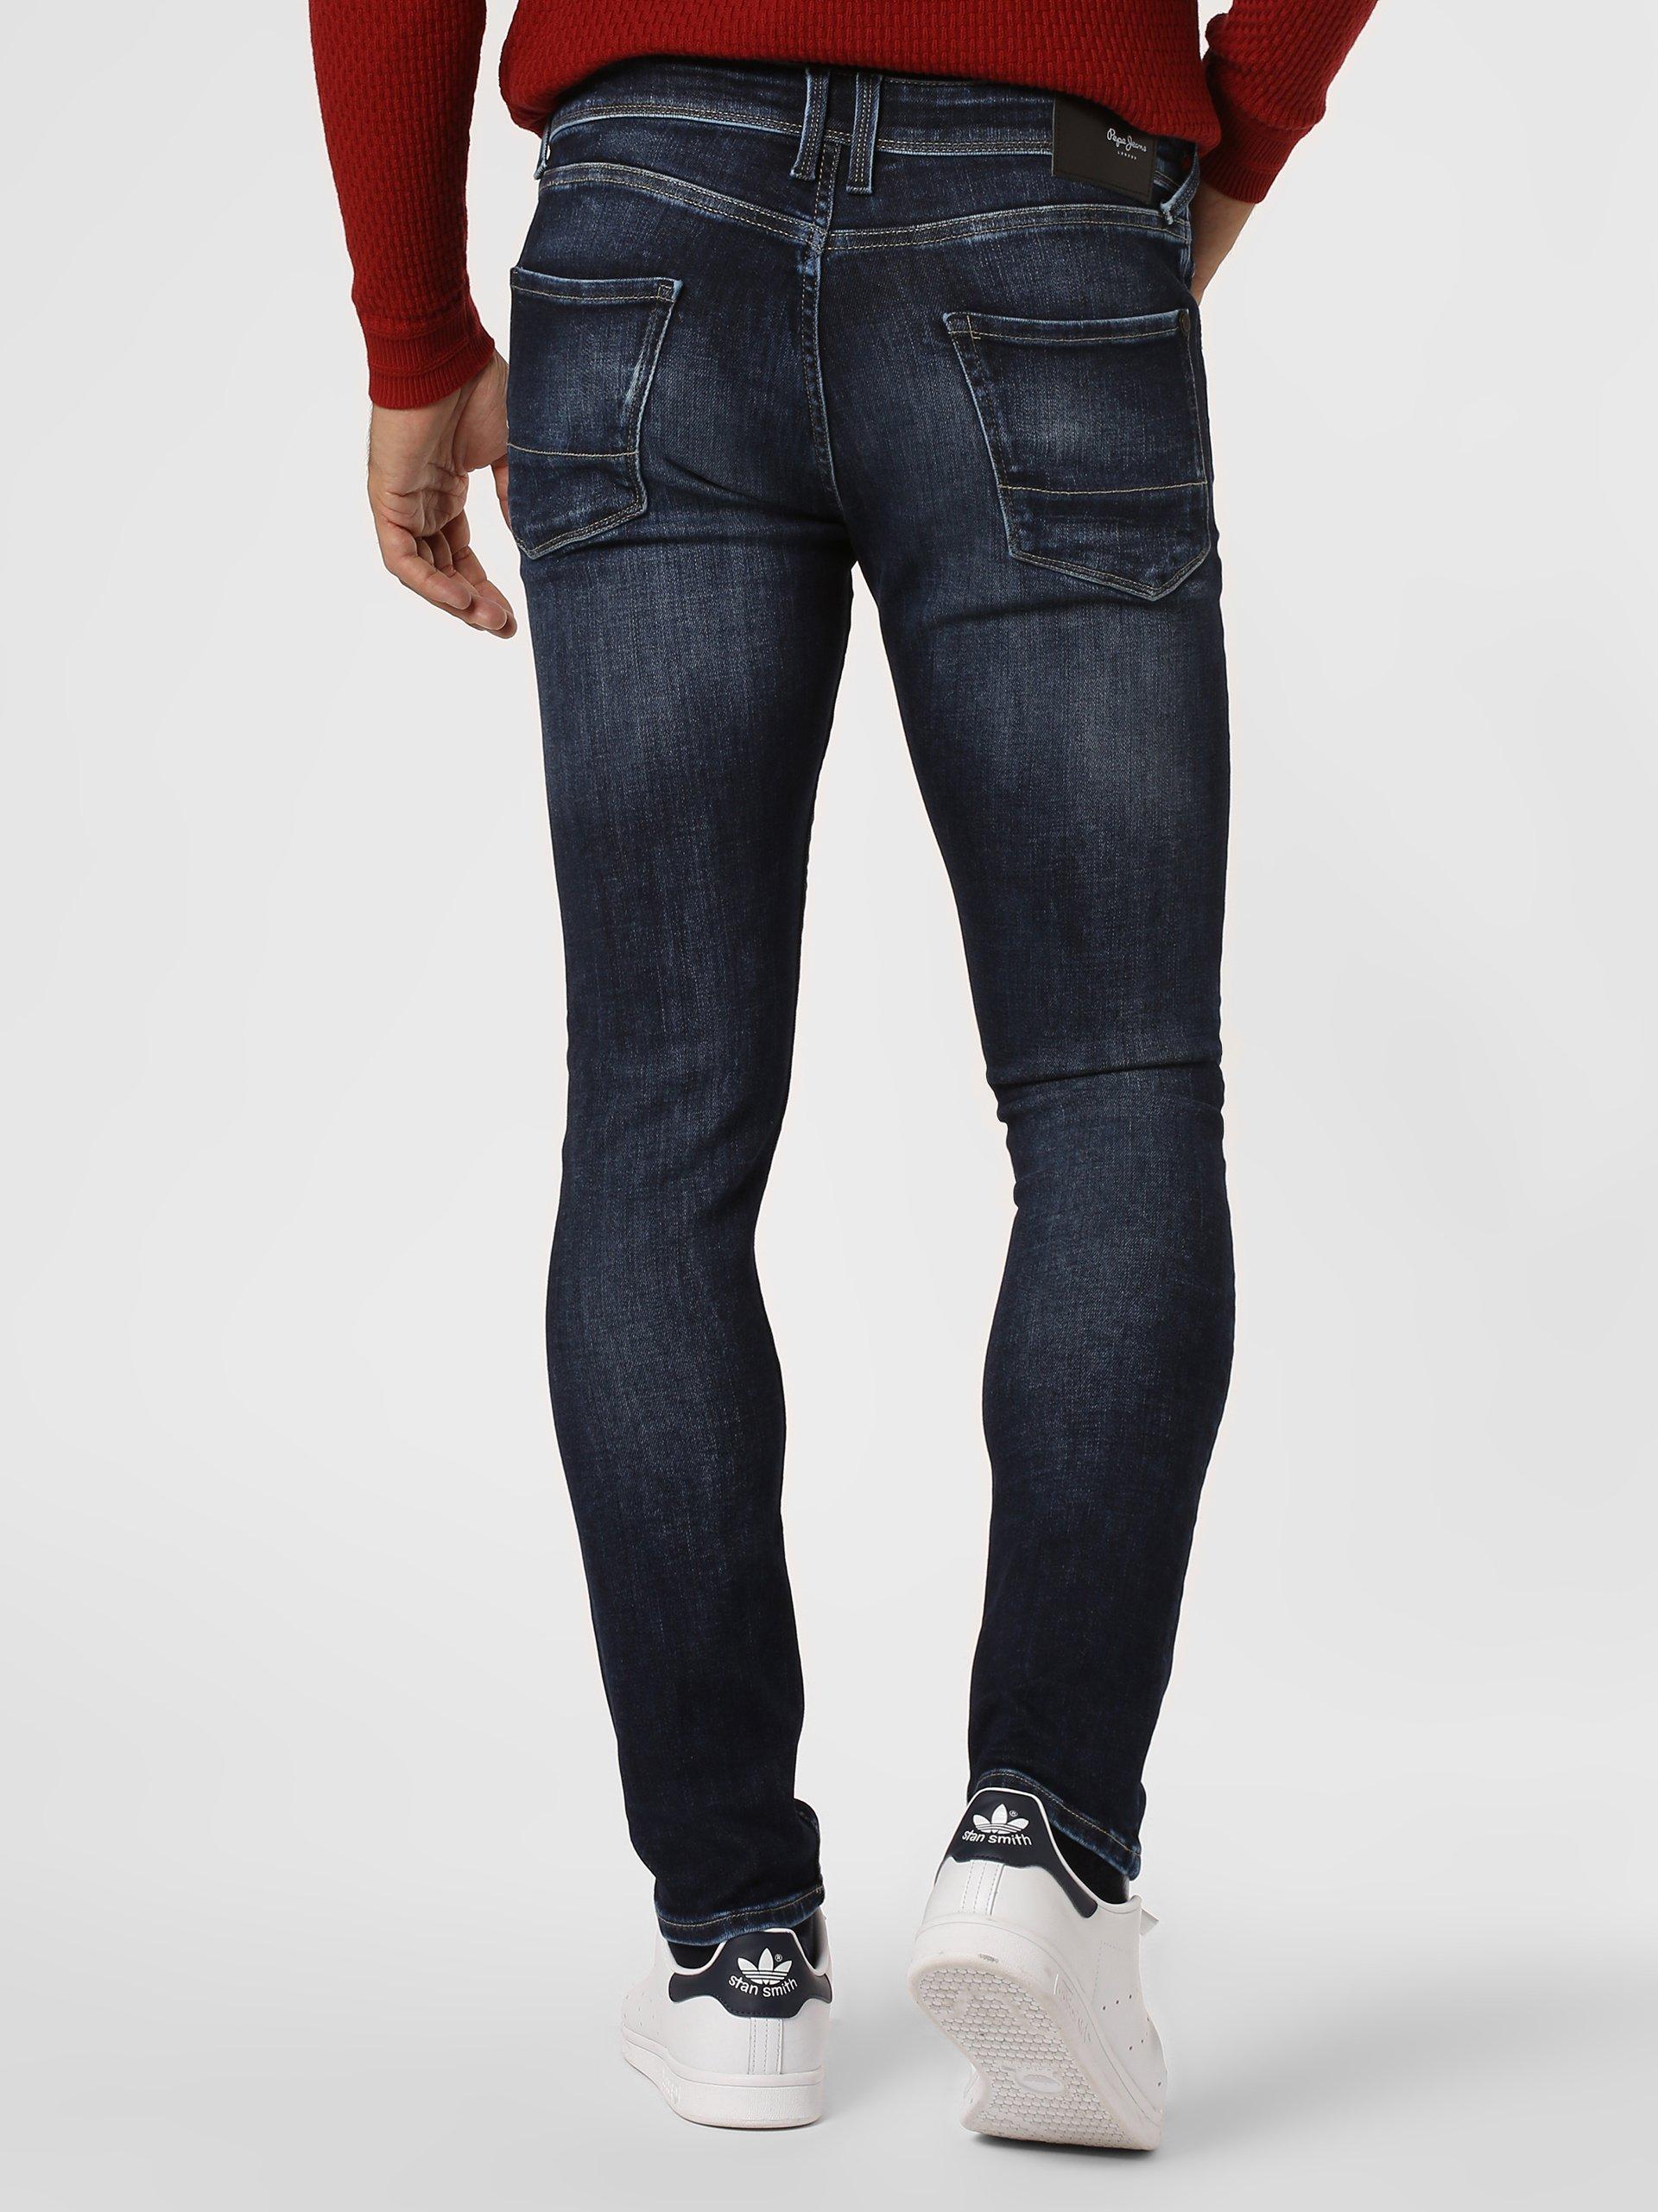 Pepe Jeans Herren Jeans - Finsbury